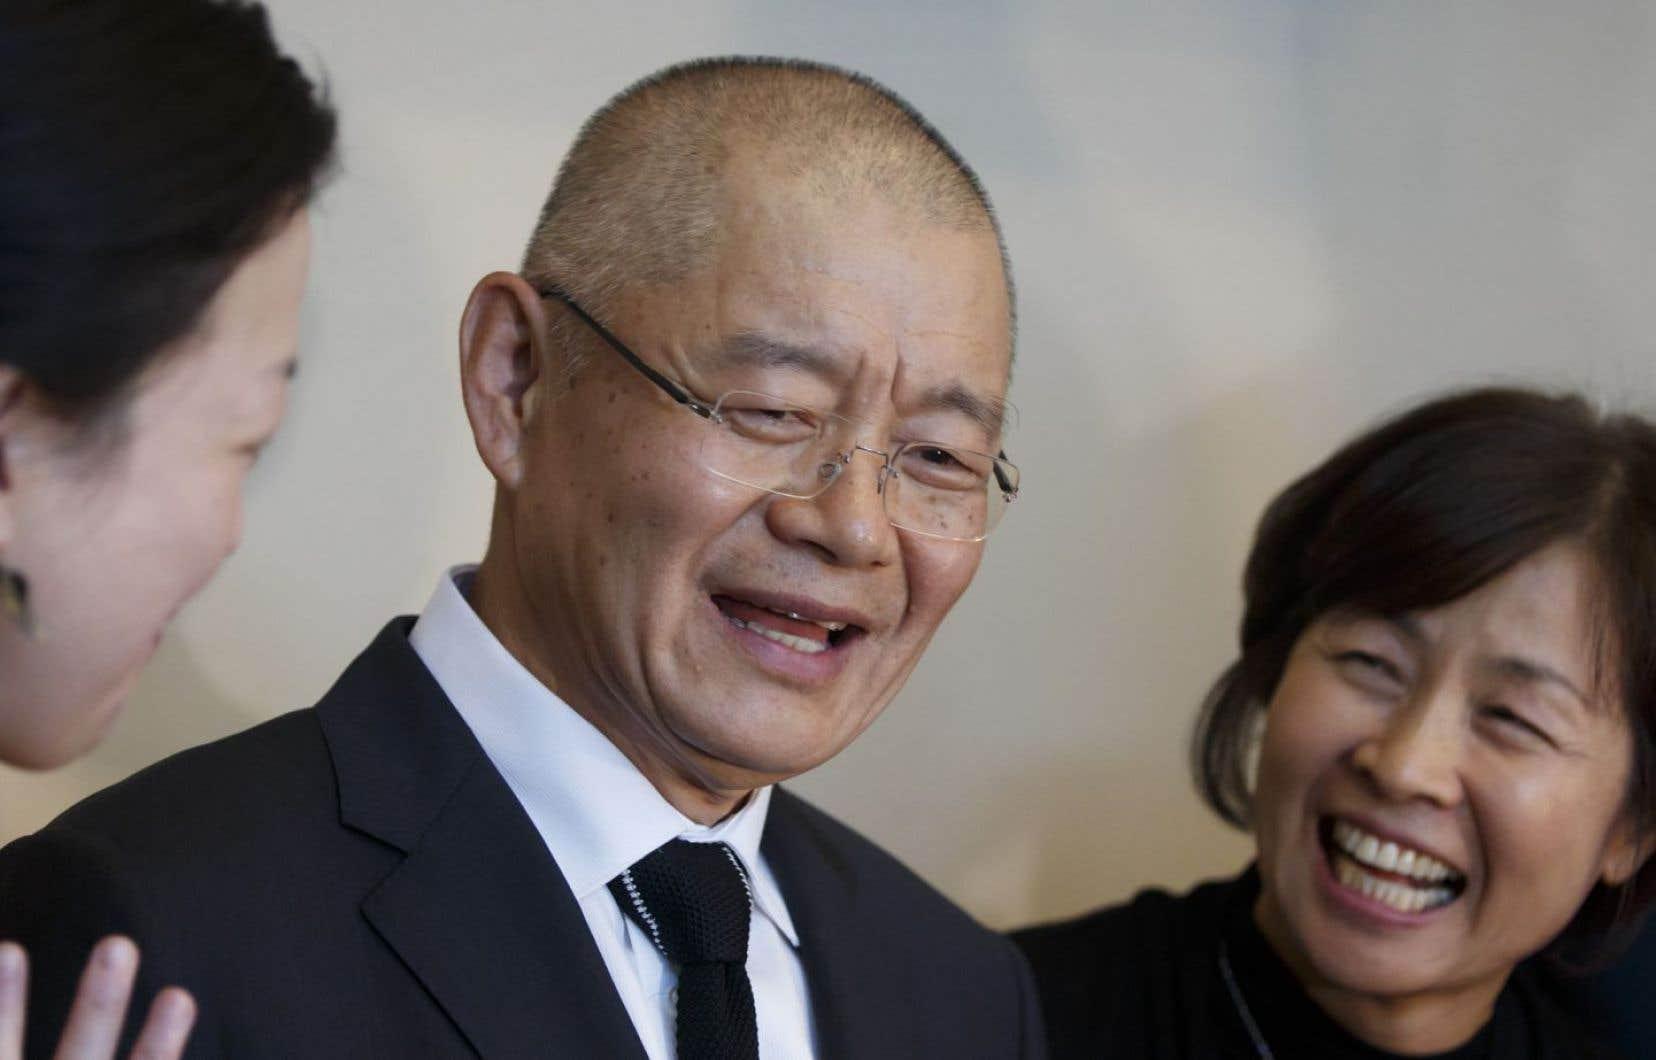 Le pasteur Hyeon Soo Lim était considéré à son arrestation comme l'un des plus influents missionnaires chrétiens en Corée du Nord.